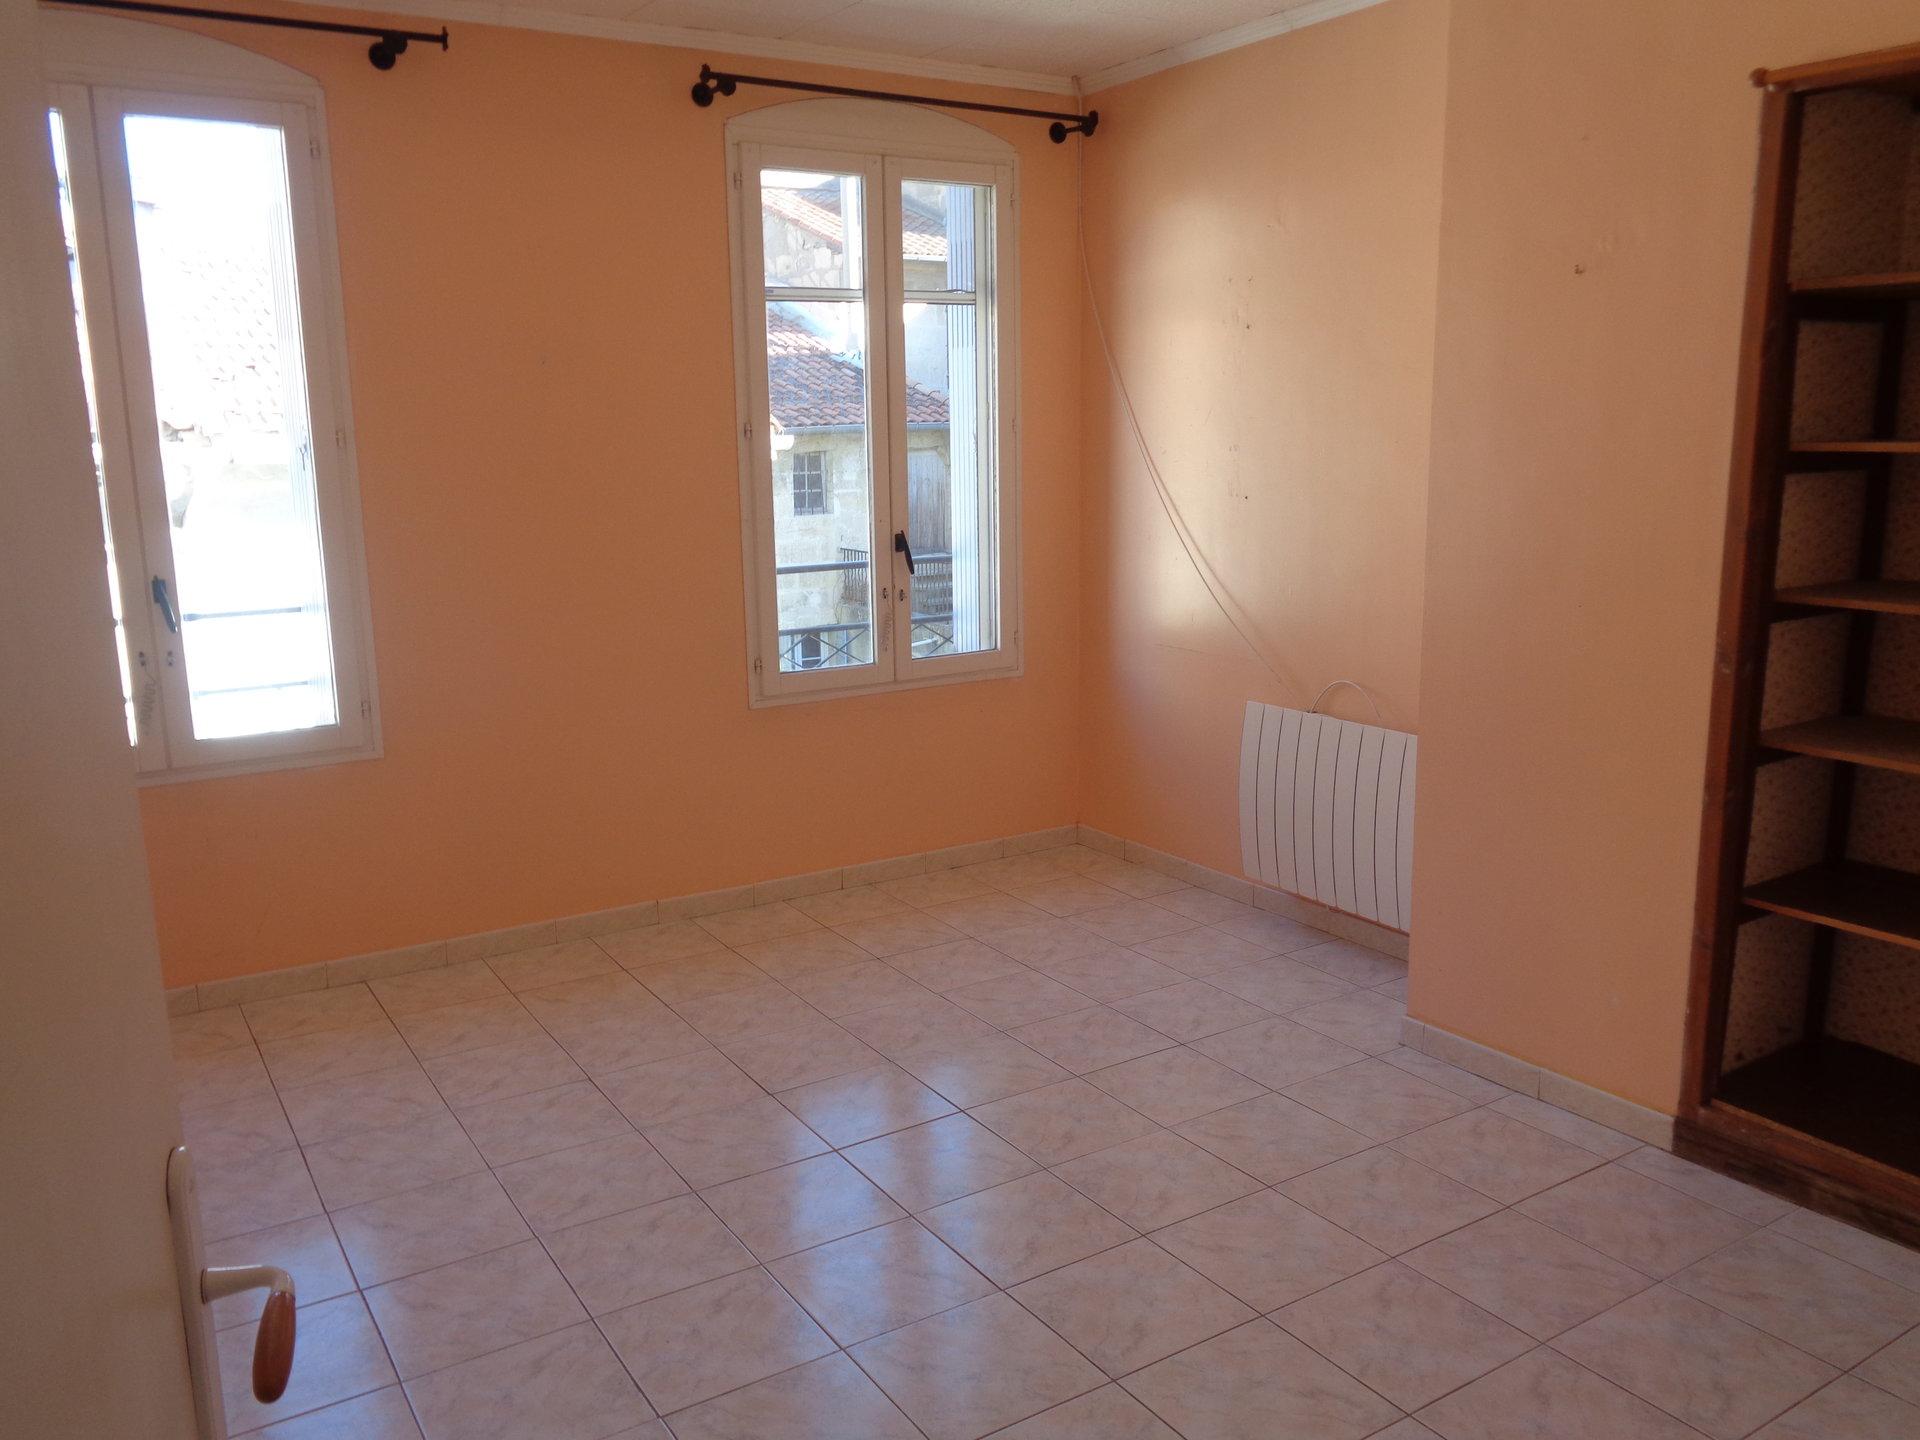 Vente Maison TARASCON séjour de 40 m²